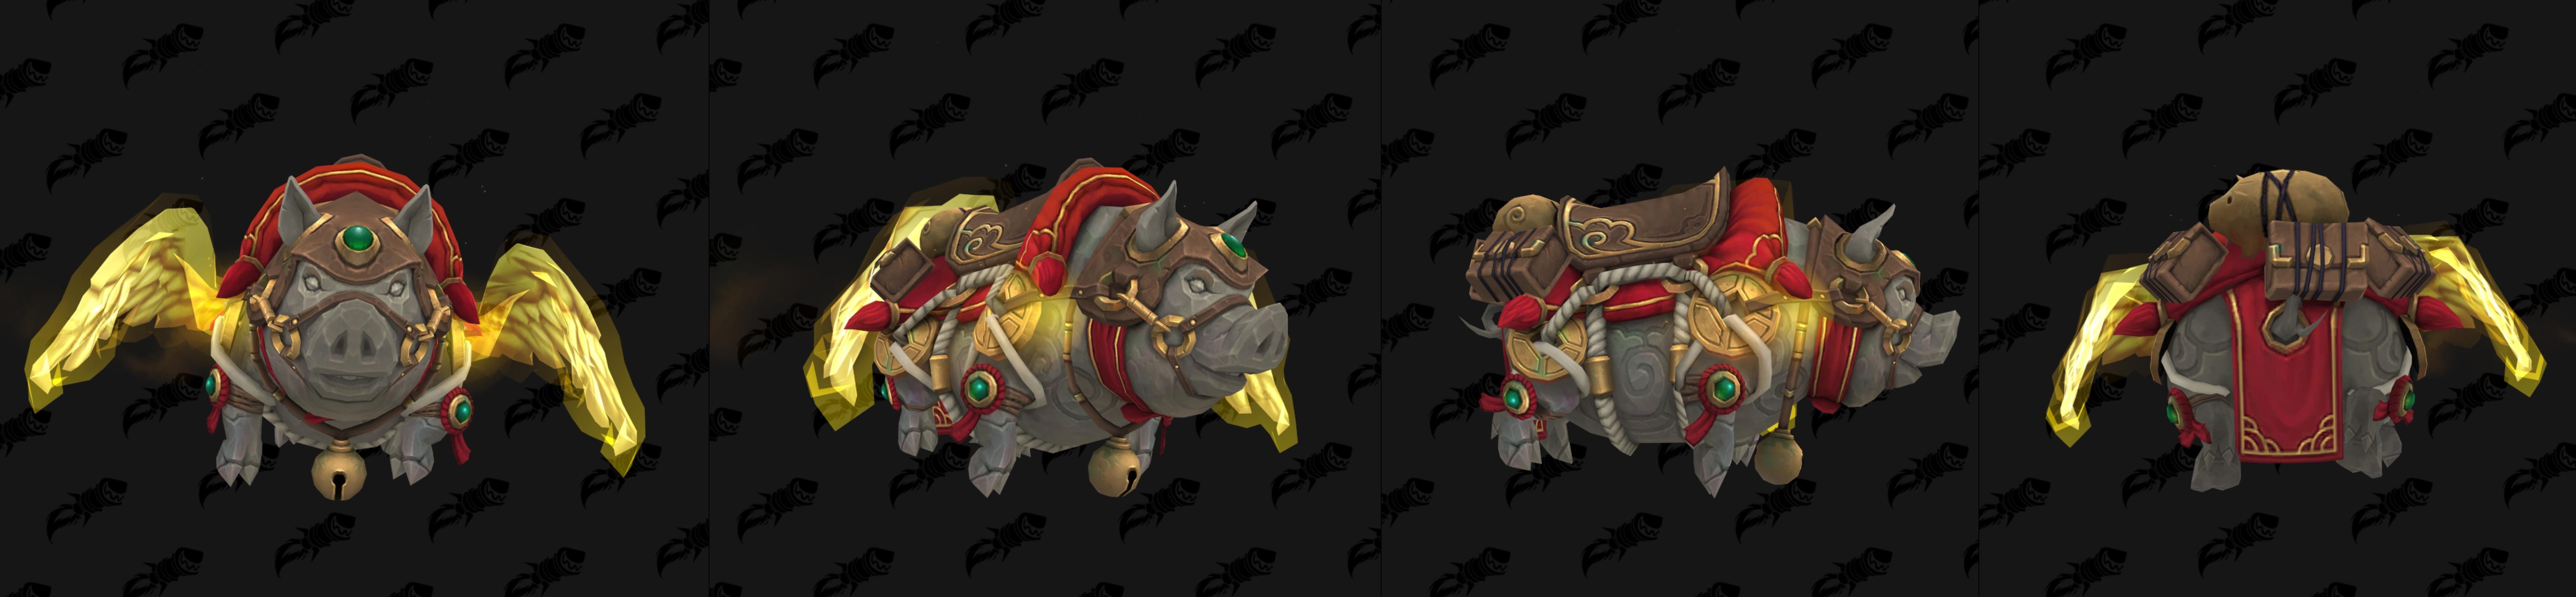 Gorus, cochon porte-bonheur monture liée à la boutique Blizzard